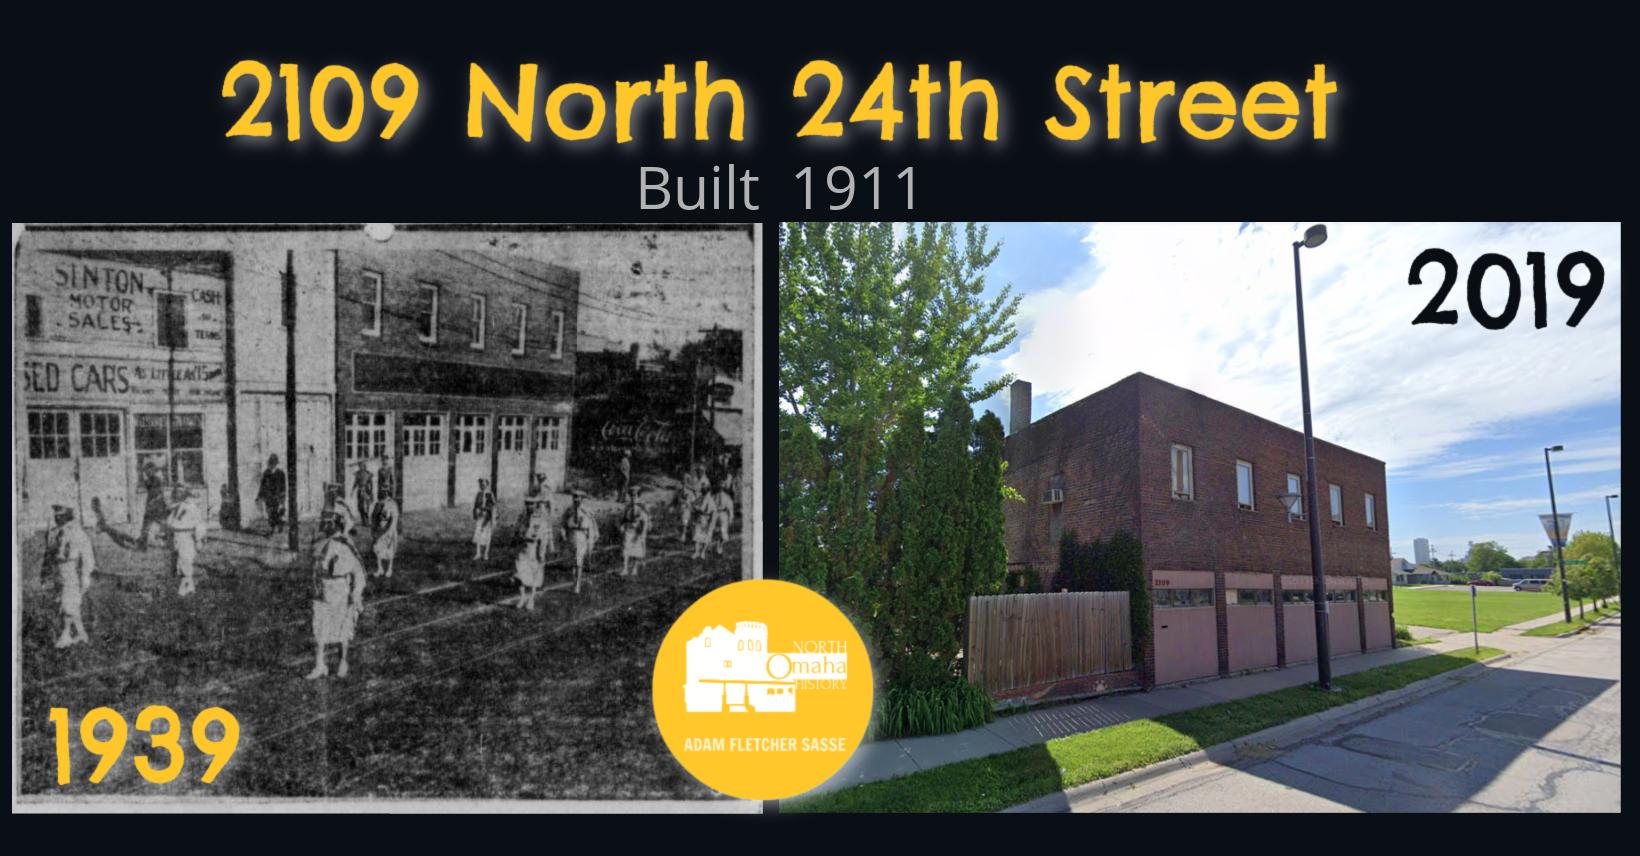 Micklin Lumber Company Building 2109 North 24th Street, North Omaha, Nebraska